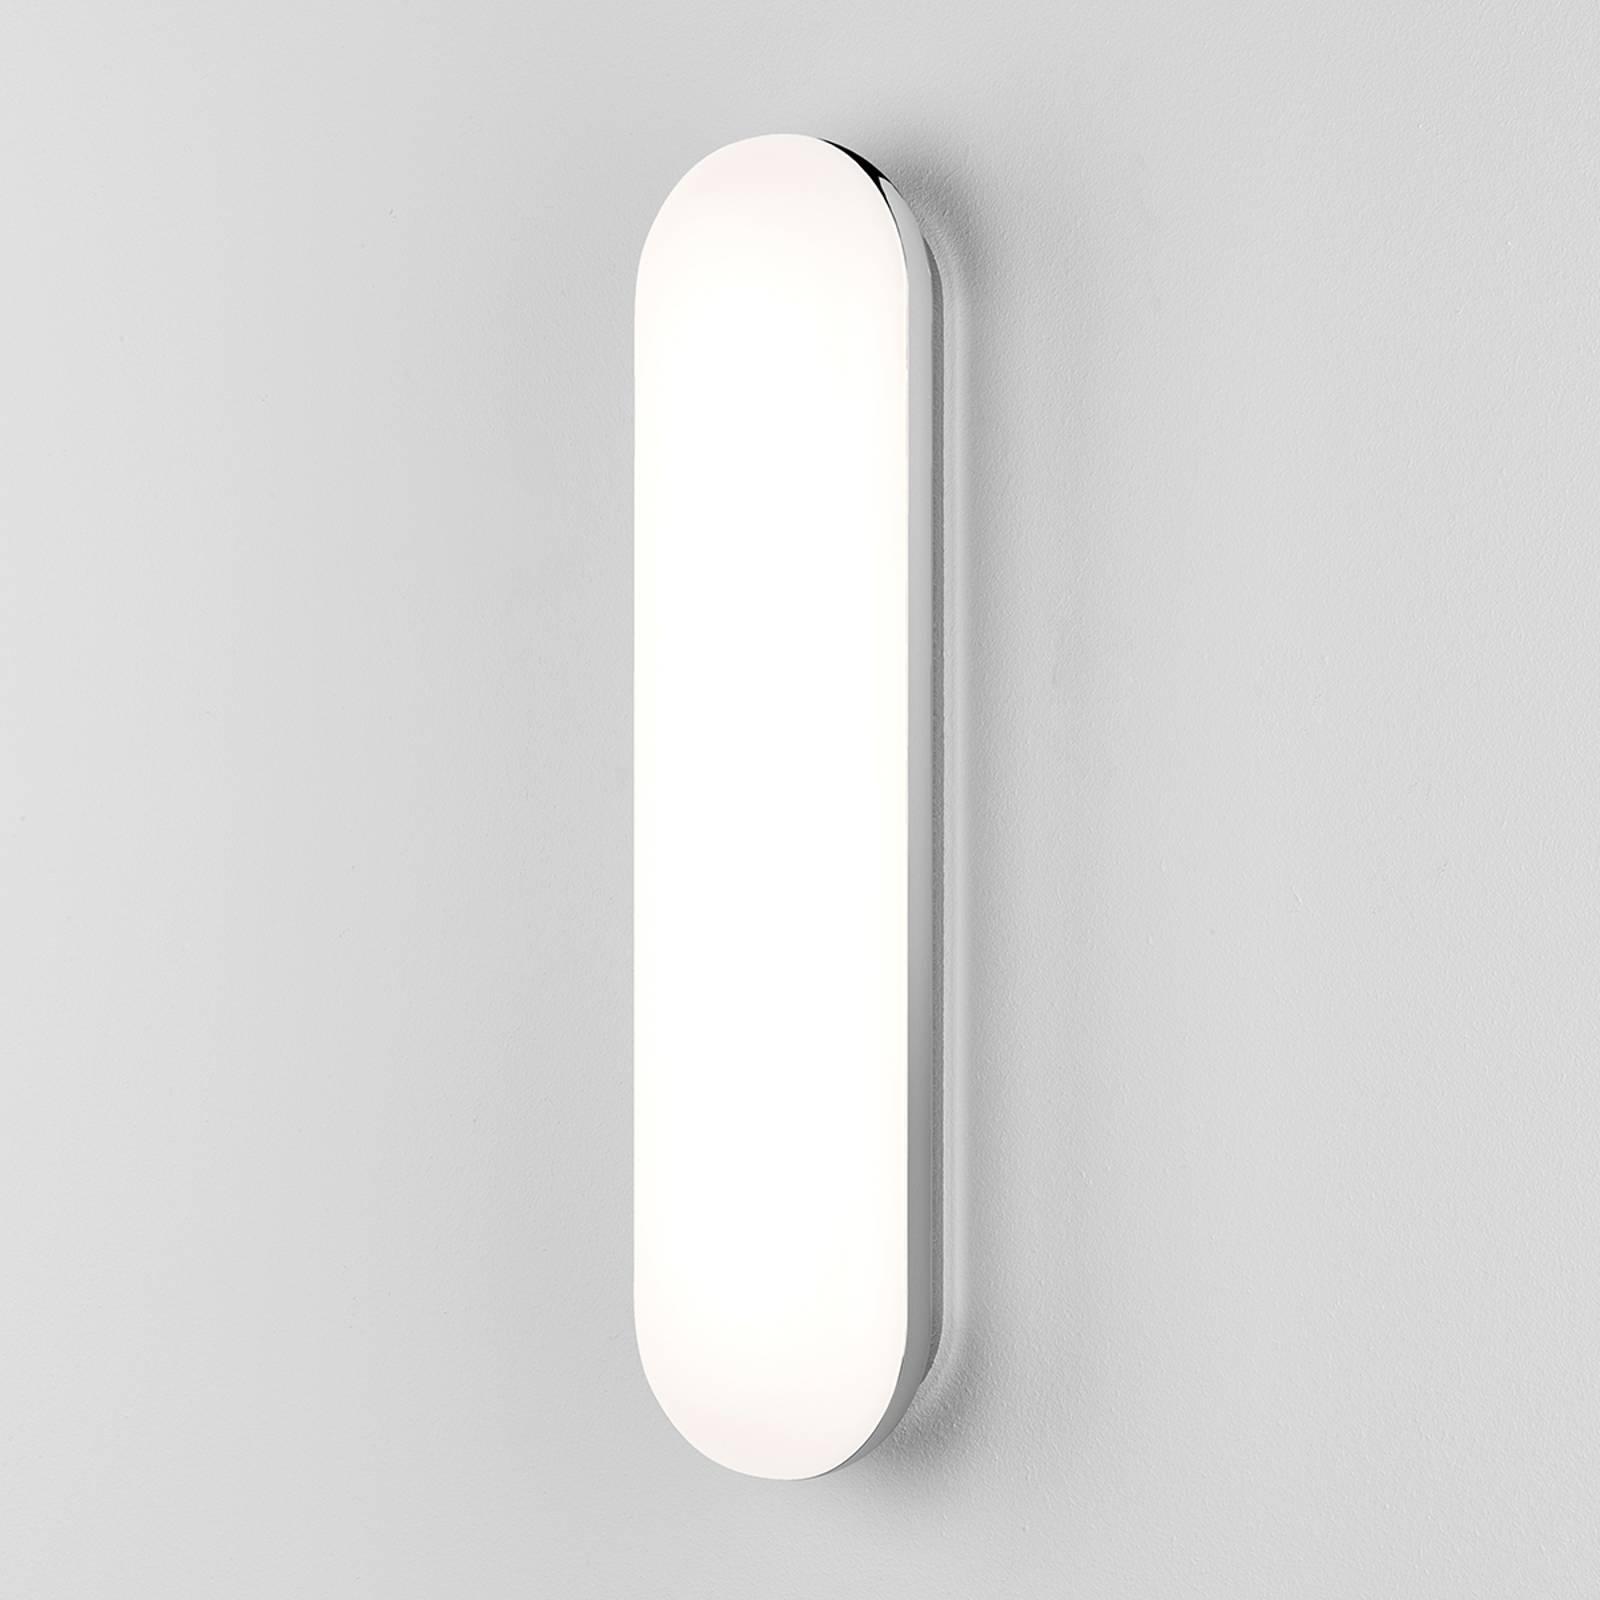 Krominen LED-seinävalaisin Altea kylpyhuoneeseen